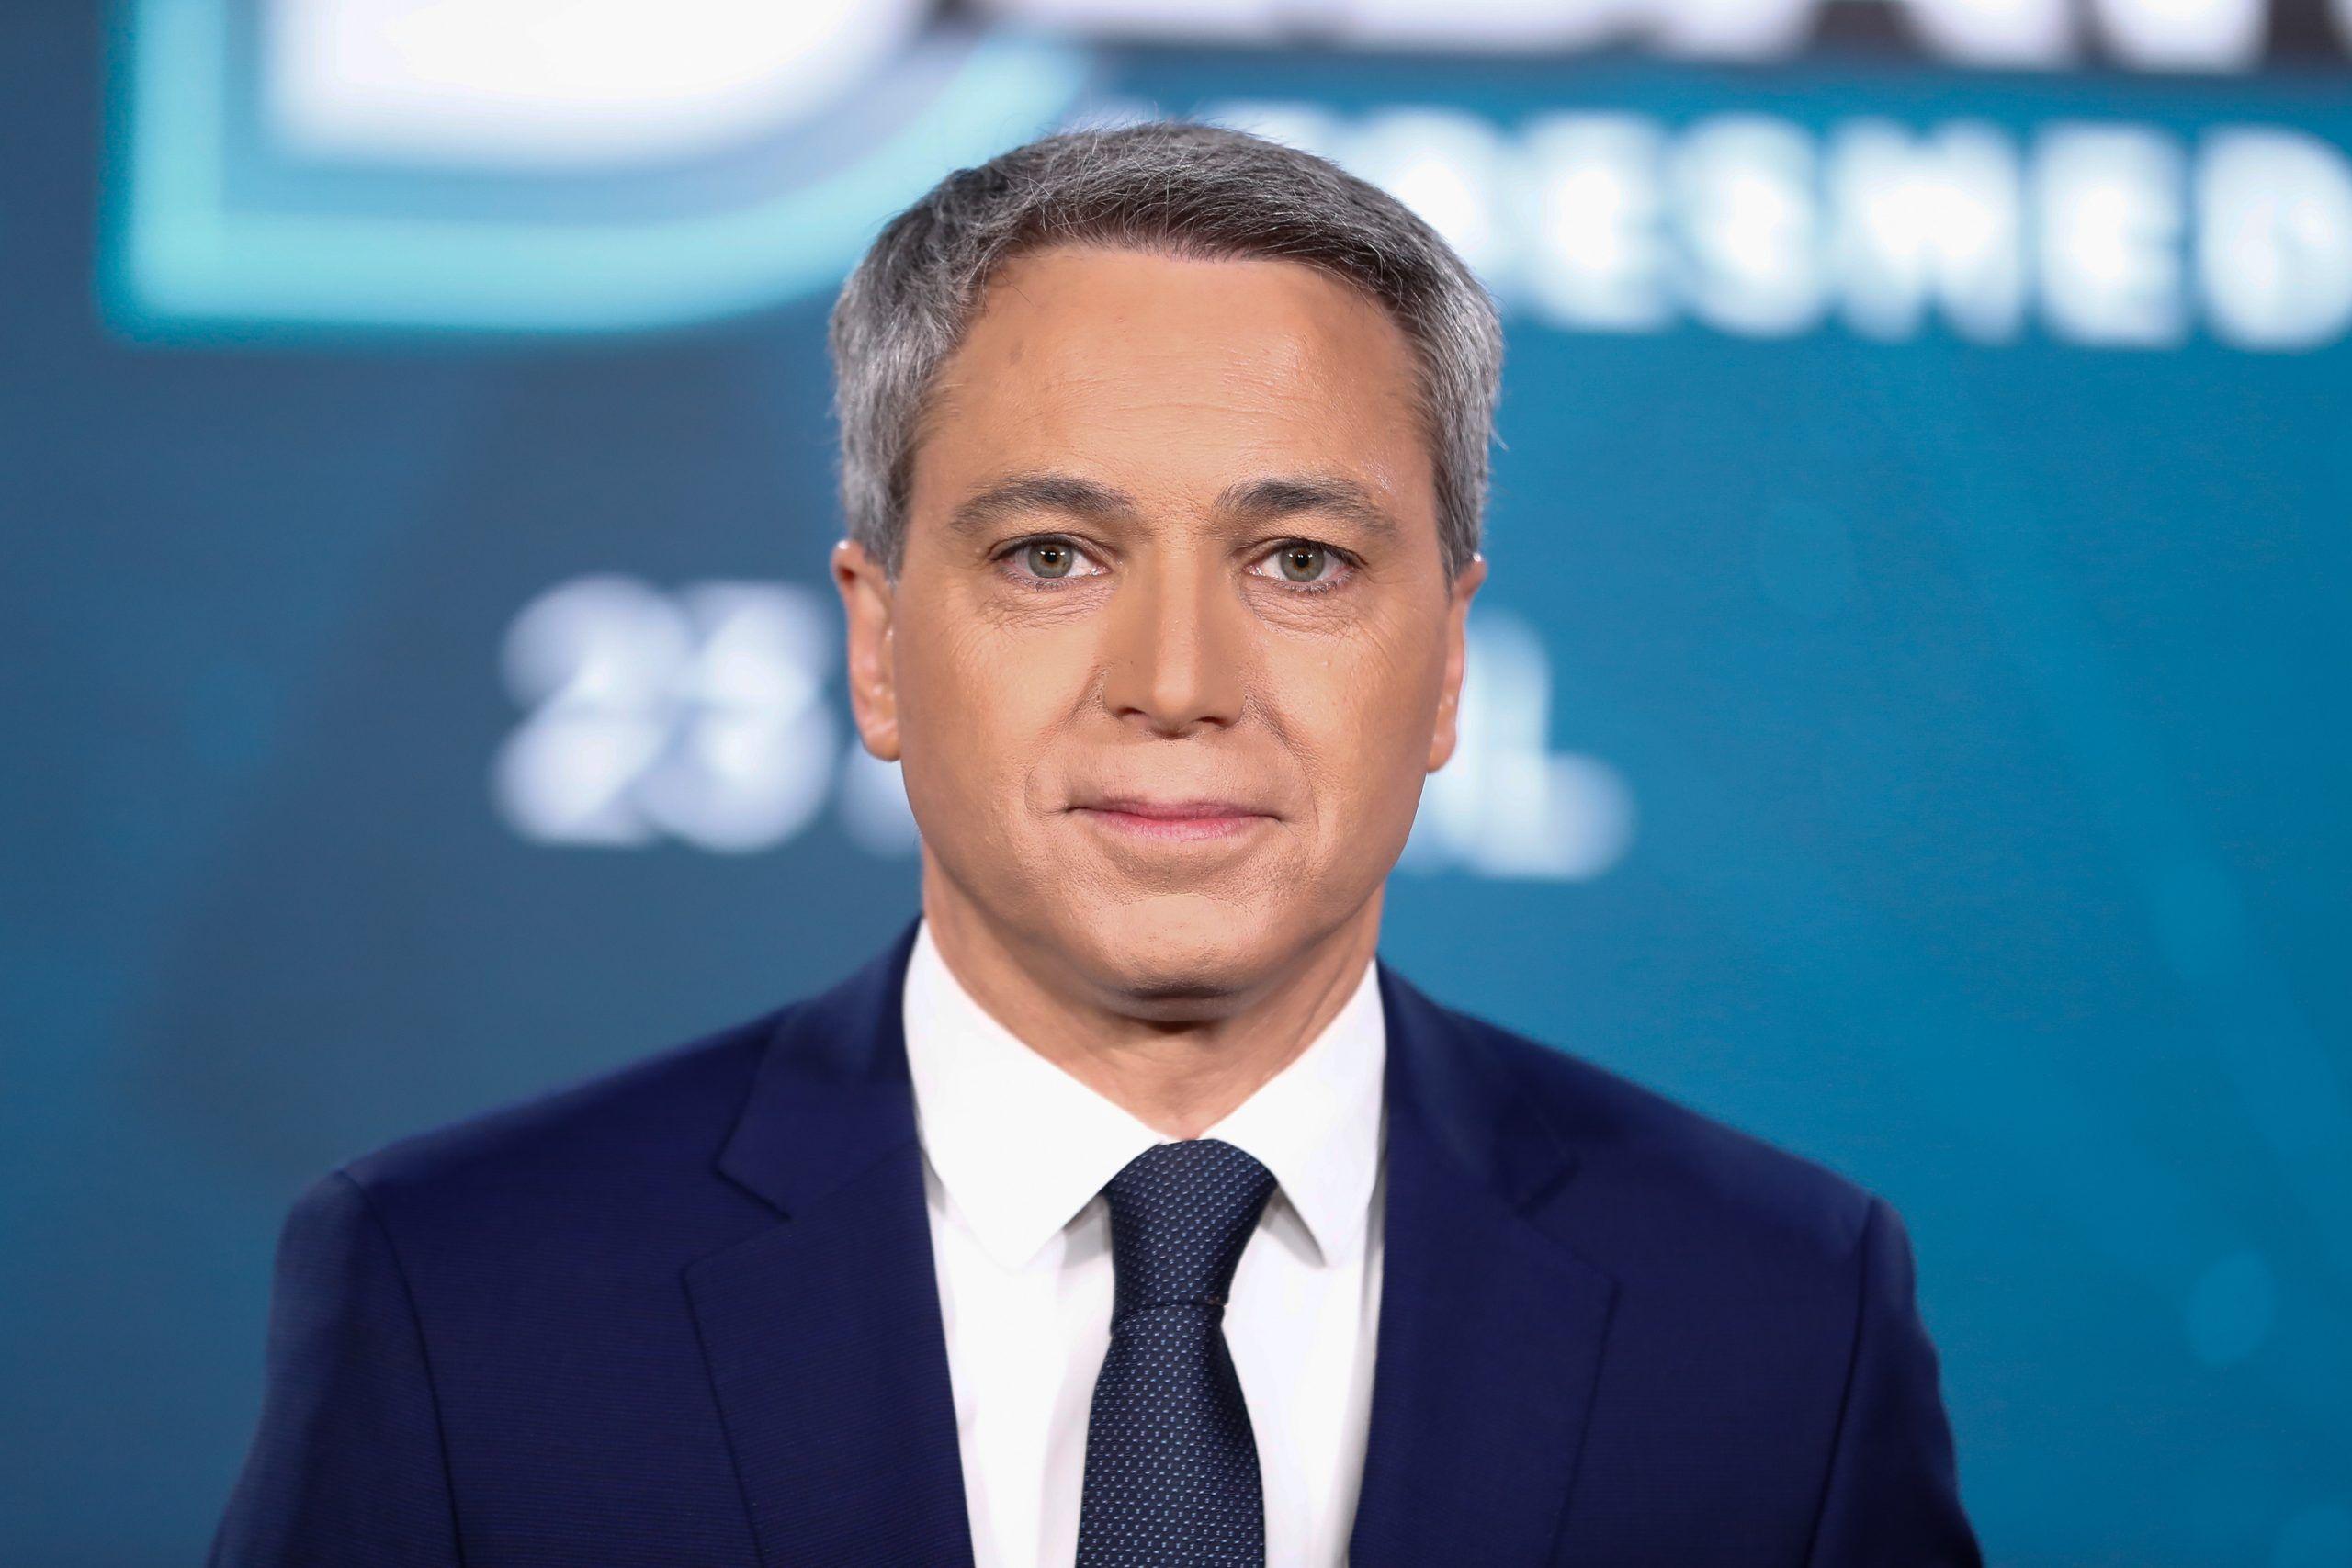 Vicente Vallés recibirá el Premio Mejor Periodista del Año en el New York Summit Awards 2021